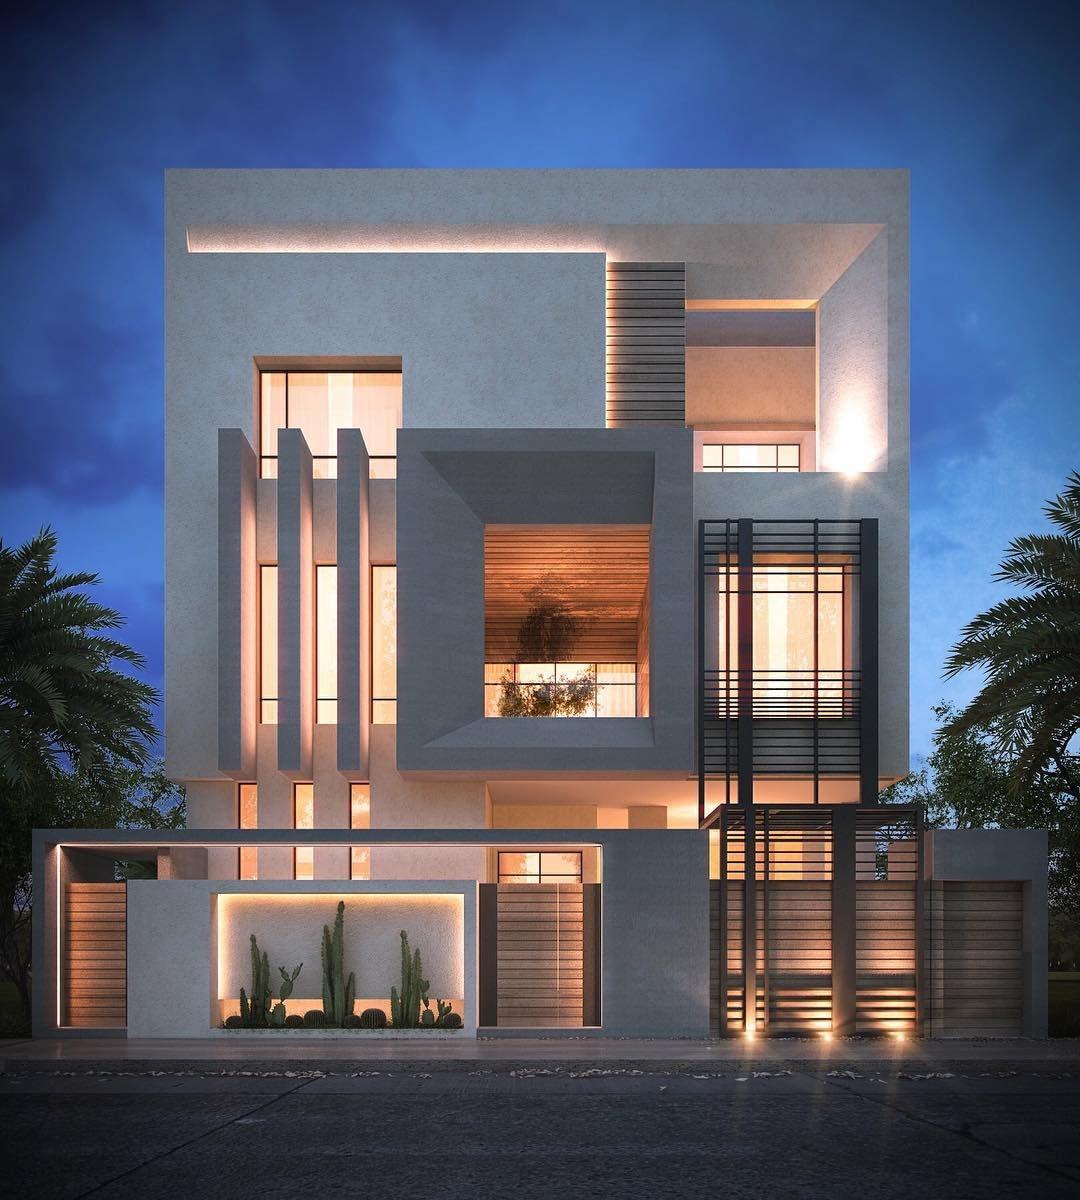 20.2k Likes, 59 Comments - Amazing Architecture (@amazing ...